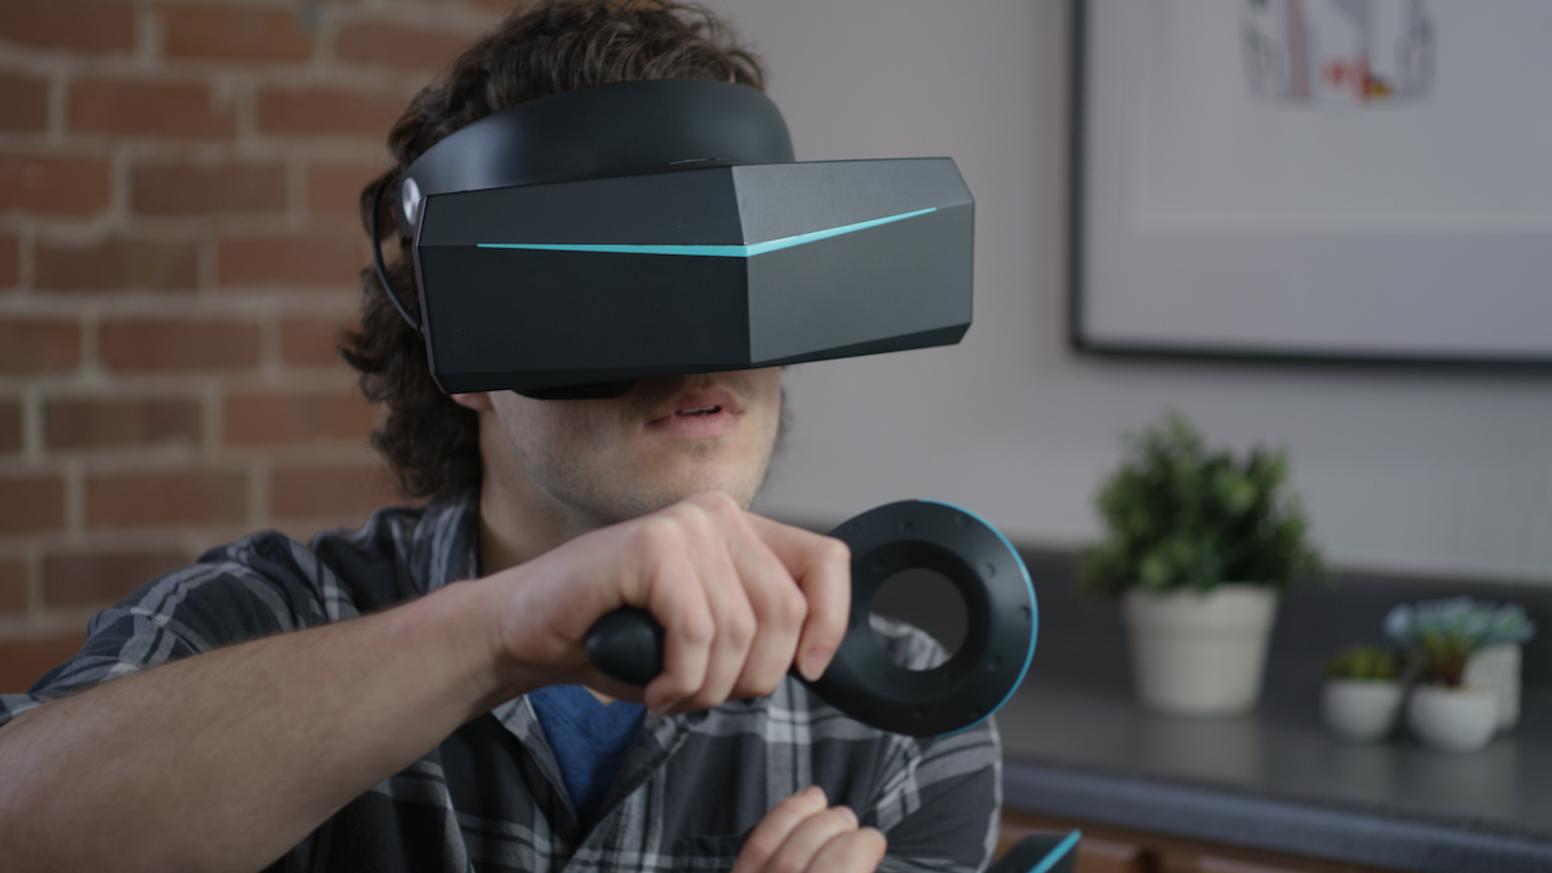 专访|小派8K VR头显完成424万美金众筹,超越Oculus成KS VR众筹第一名